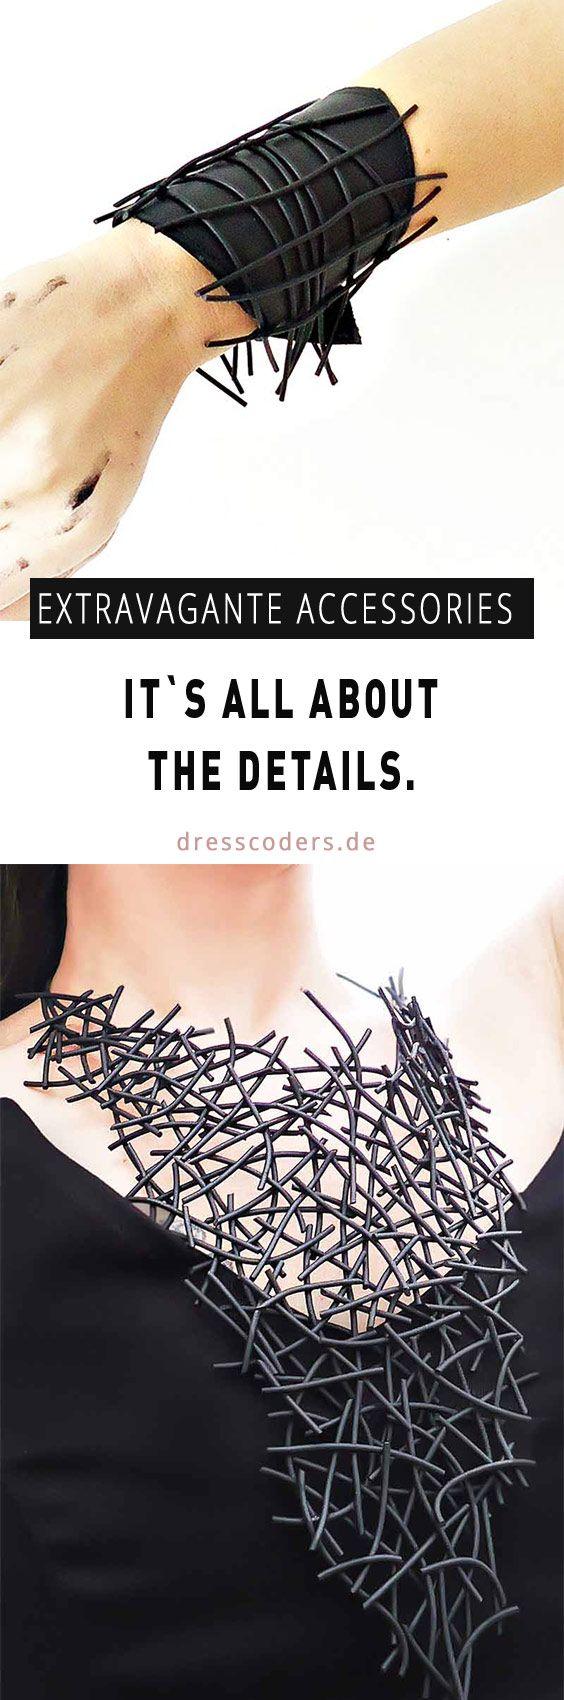 Ausergewöhnliches Design & Extravagante Kombinationen | Diese handgemachte Accessoires sind echte Hingucker !